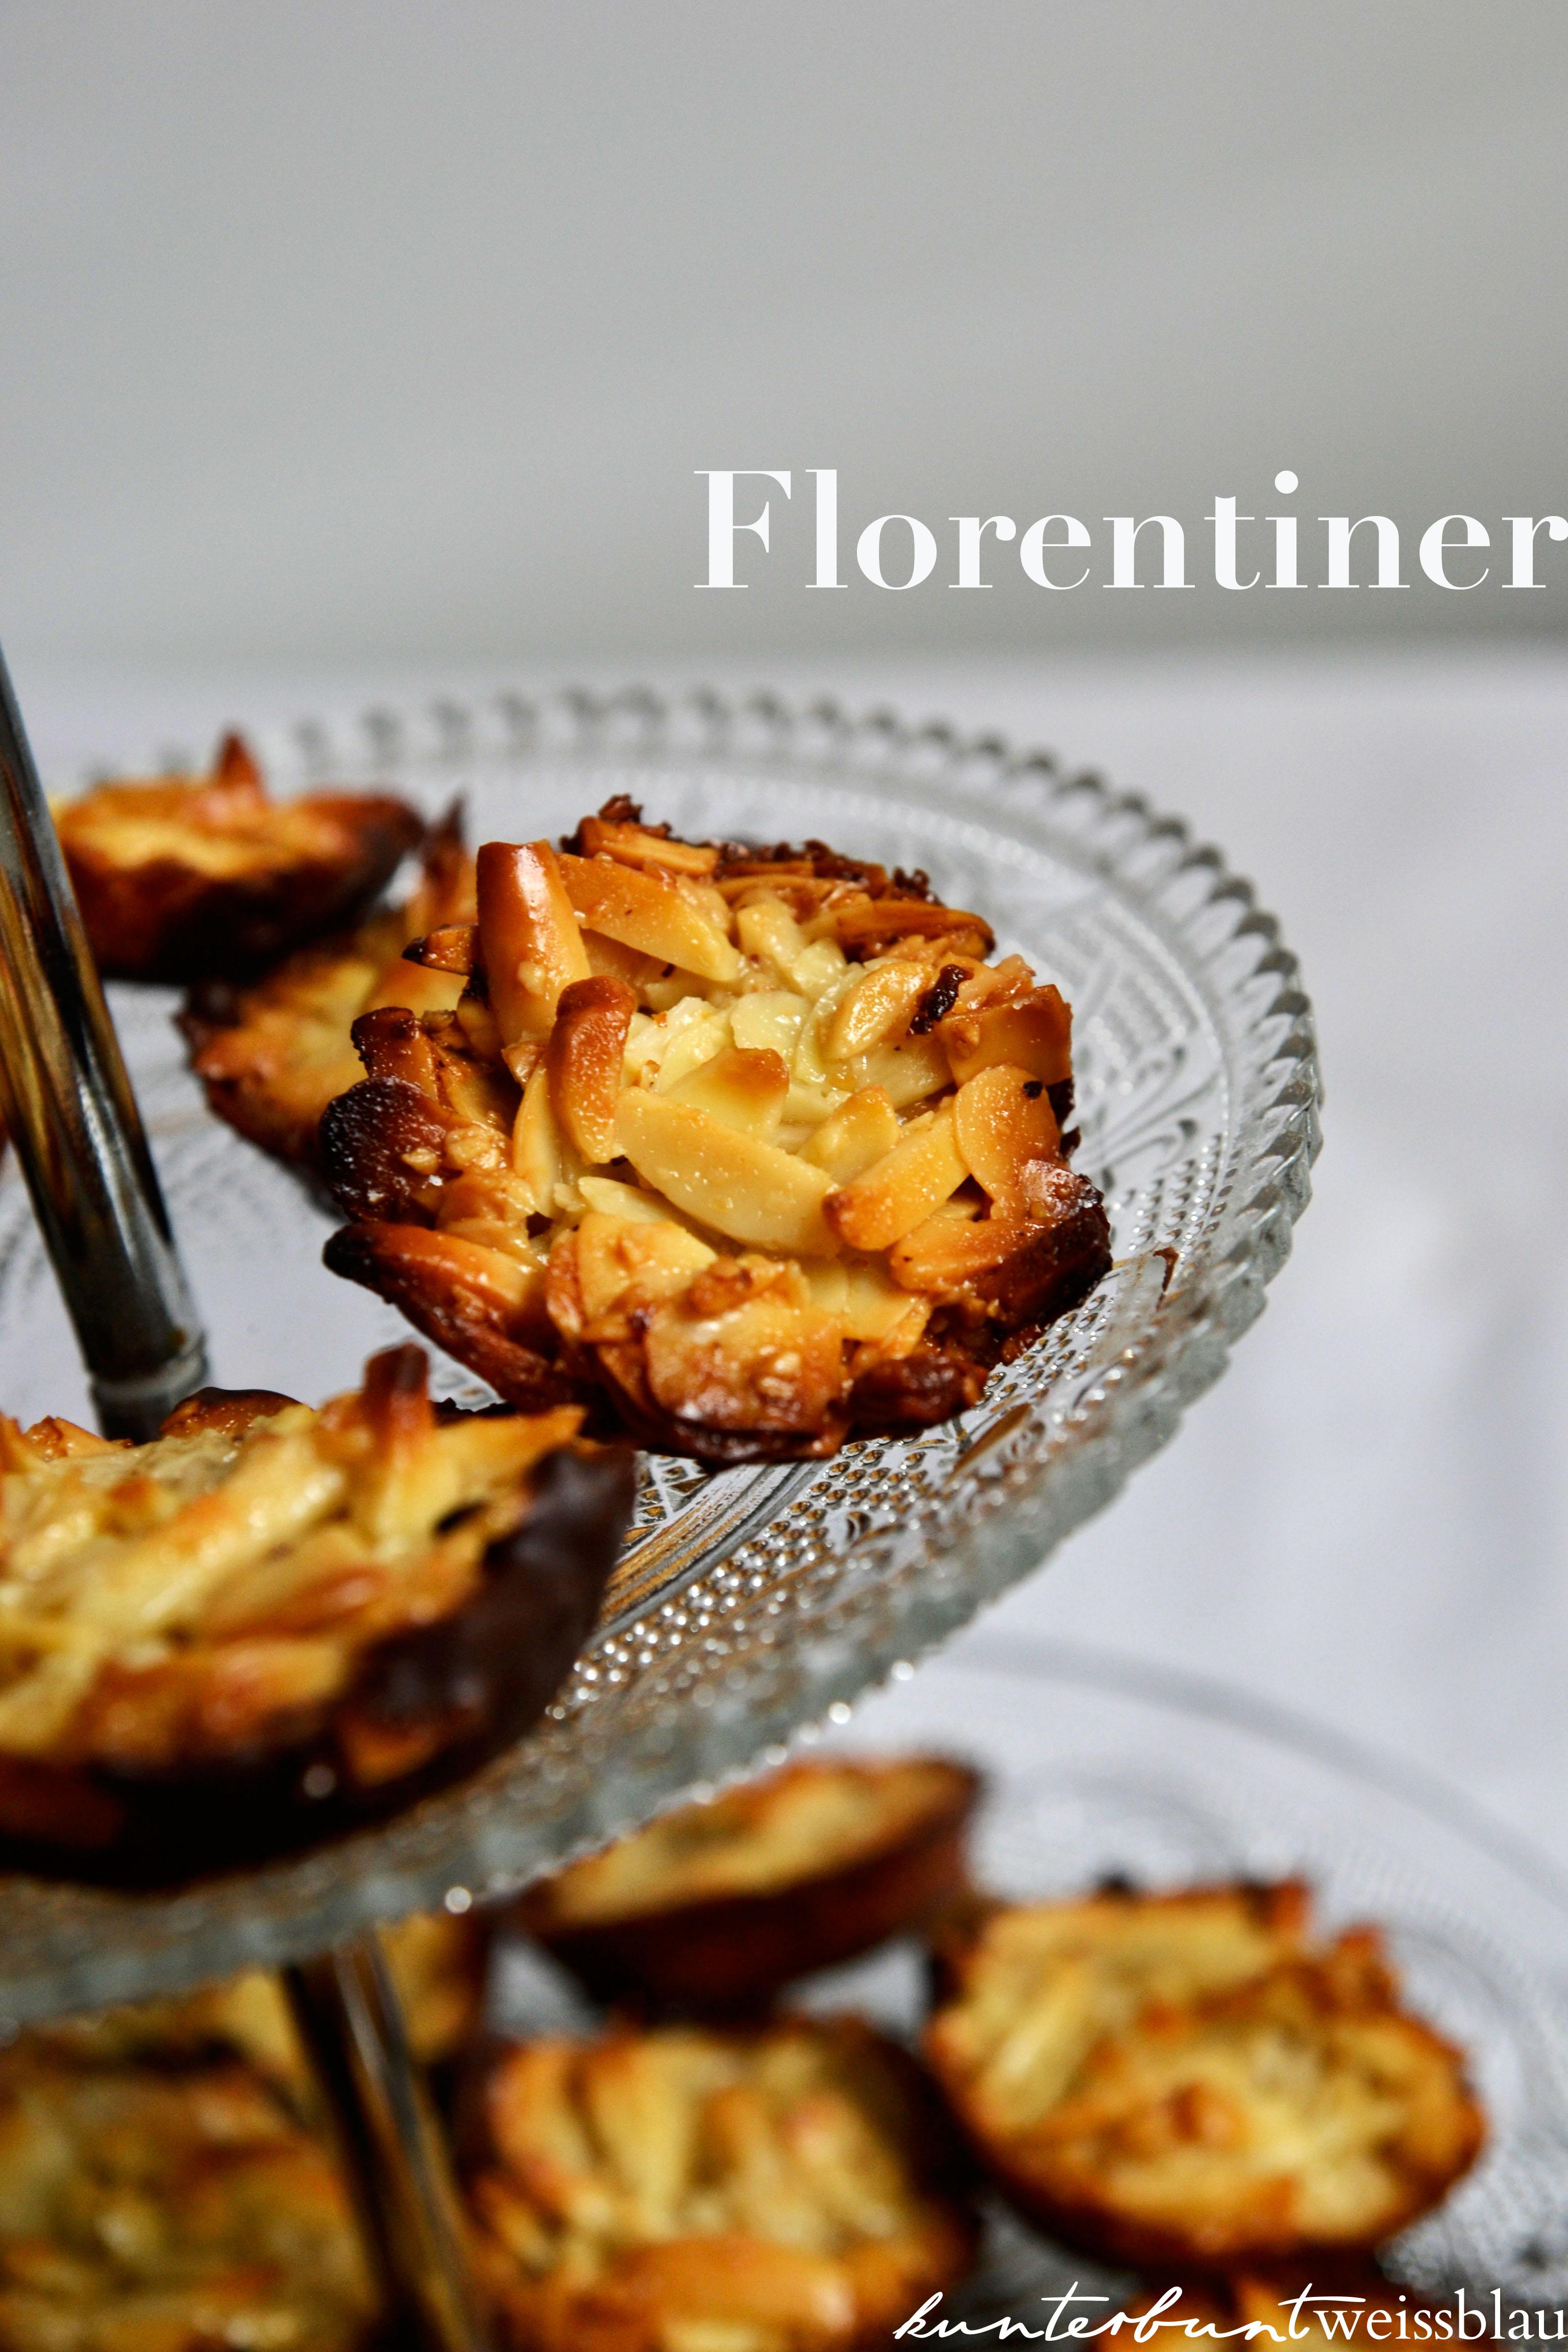 florentiner kunterbuntweissblau i food und travelblog aus m nchen. Black Bedroom Furniture Sets. Home Design Ideas